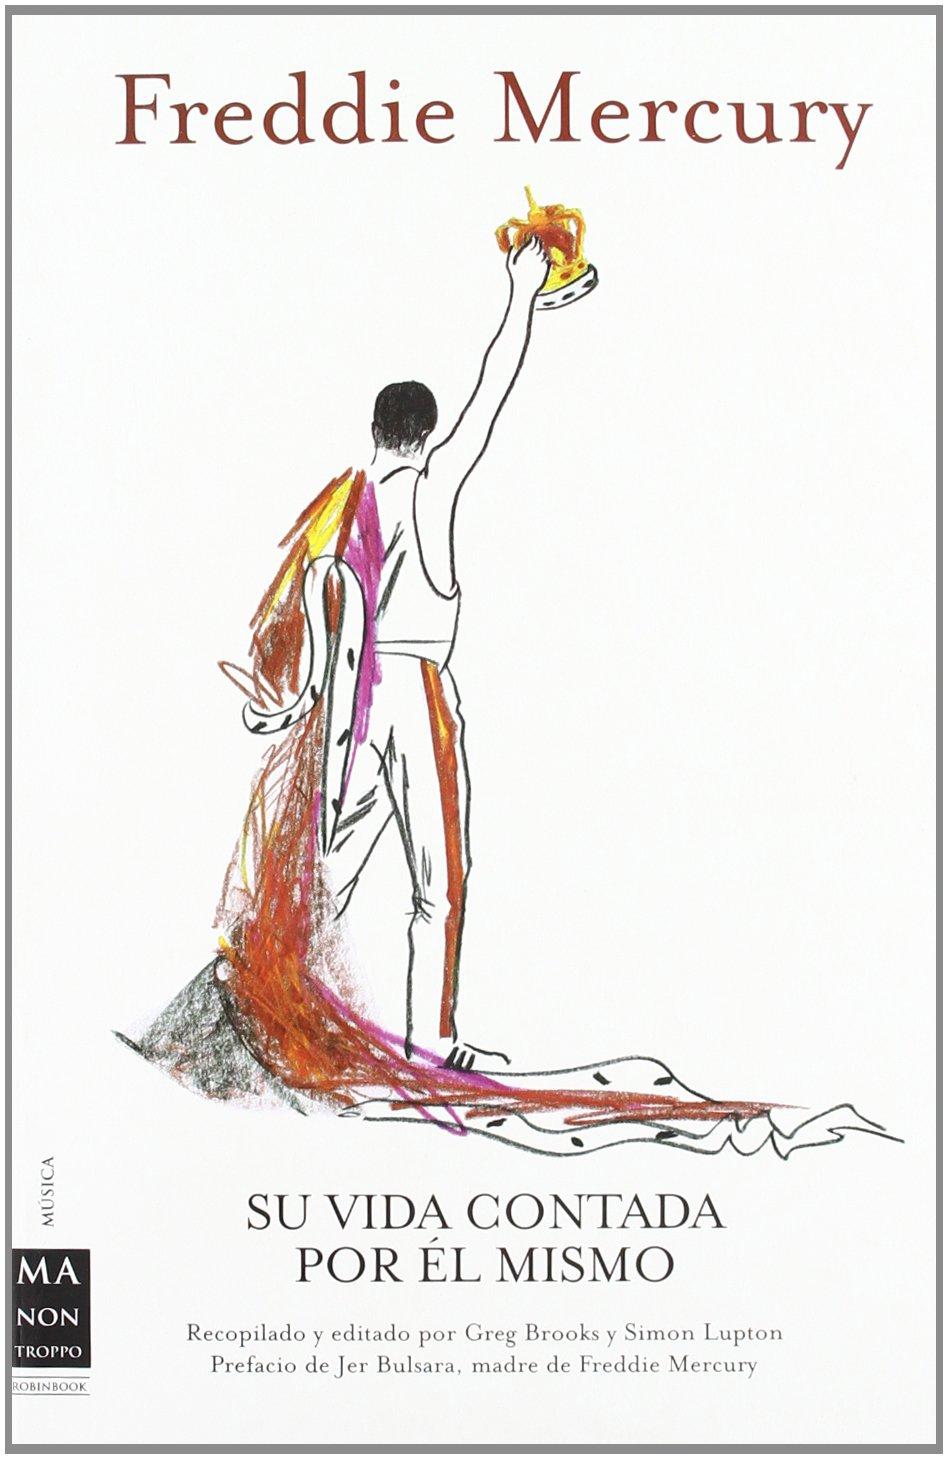 Freddie mercury - su vida contada por el mismo (Musica Ma Non Troppo) Tapa blanda – 7 jun 2012 Greg Brooks Simon Lupton Ma Non Troppo (robin Book) 8415256329